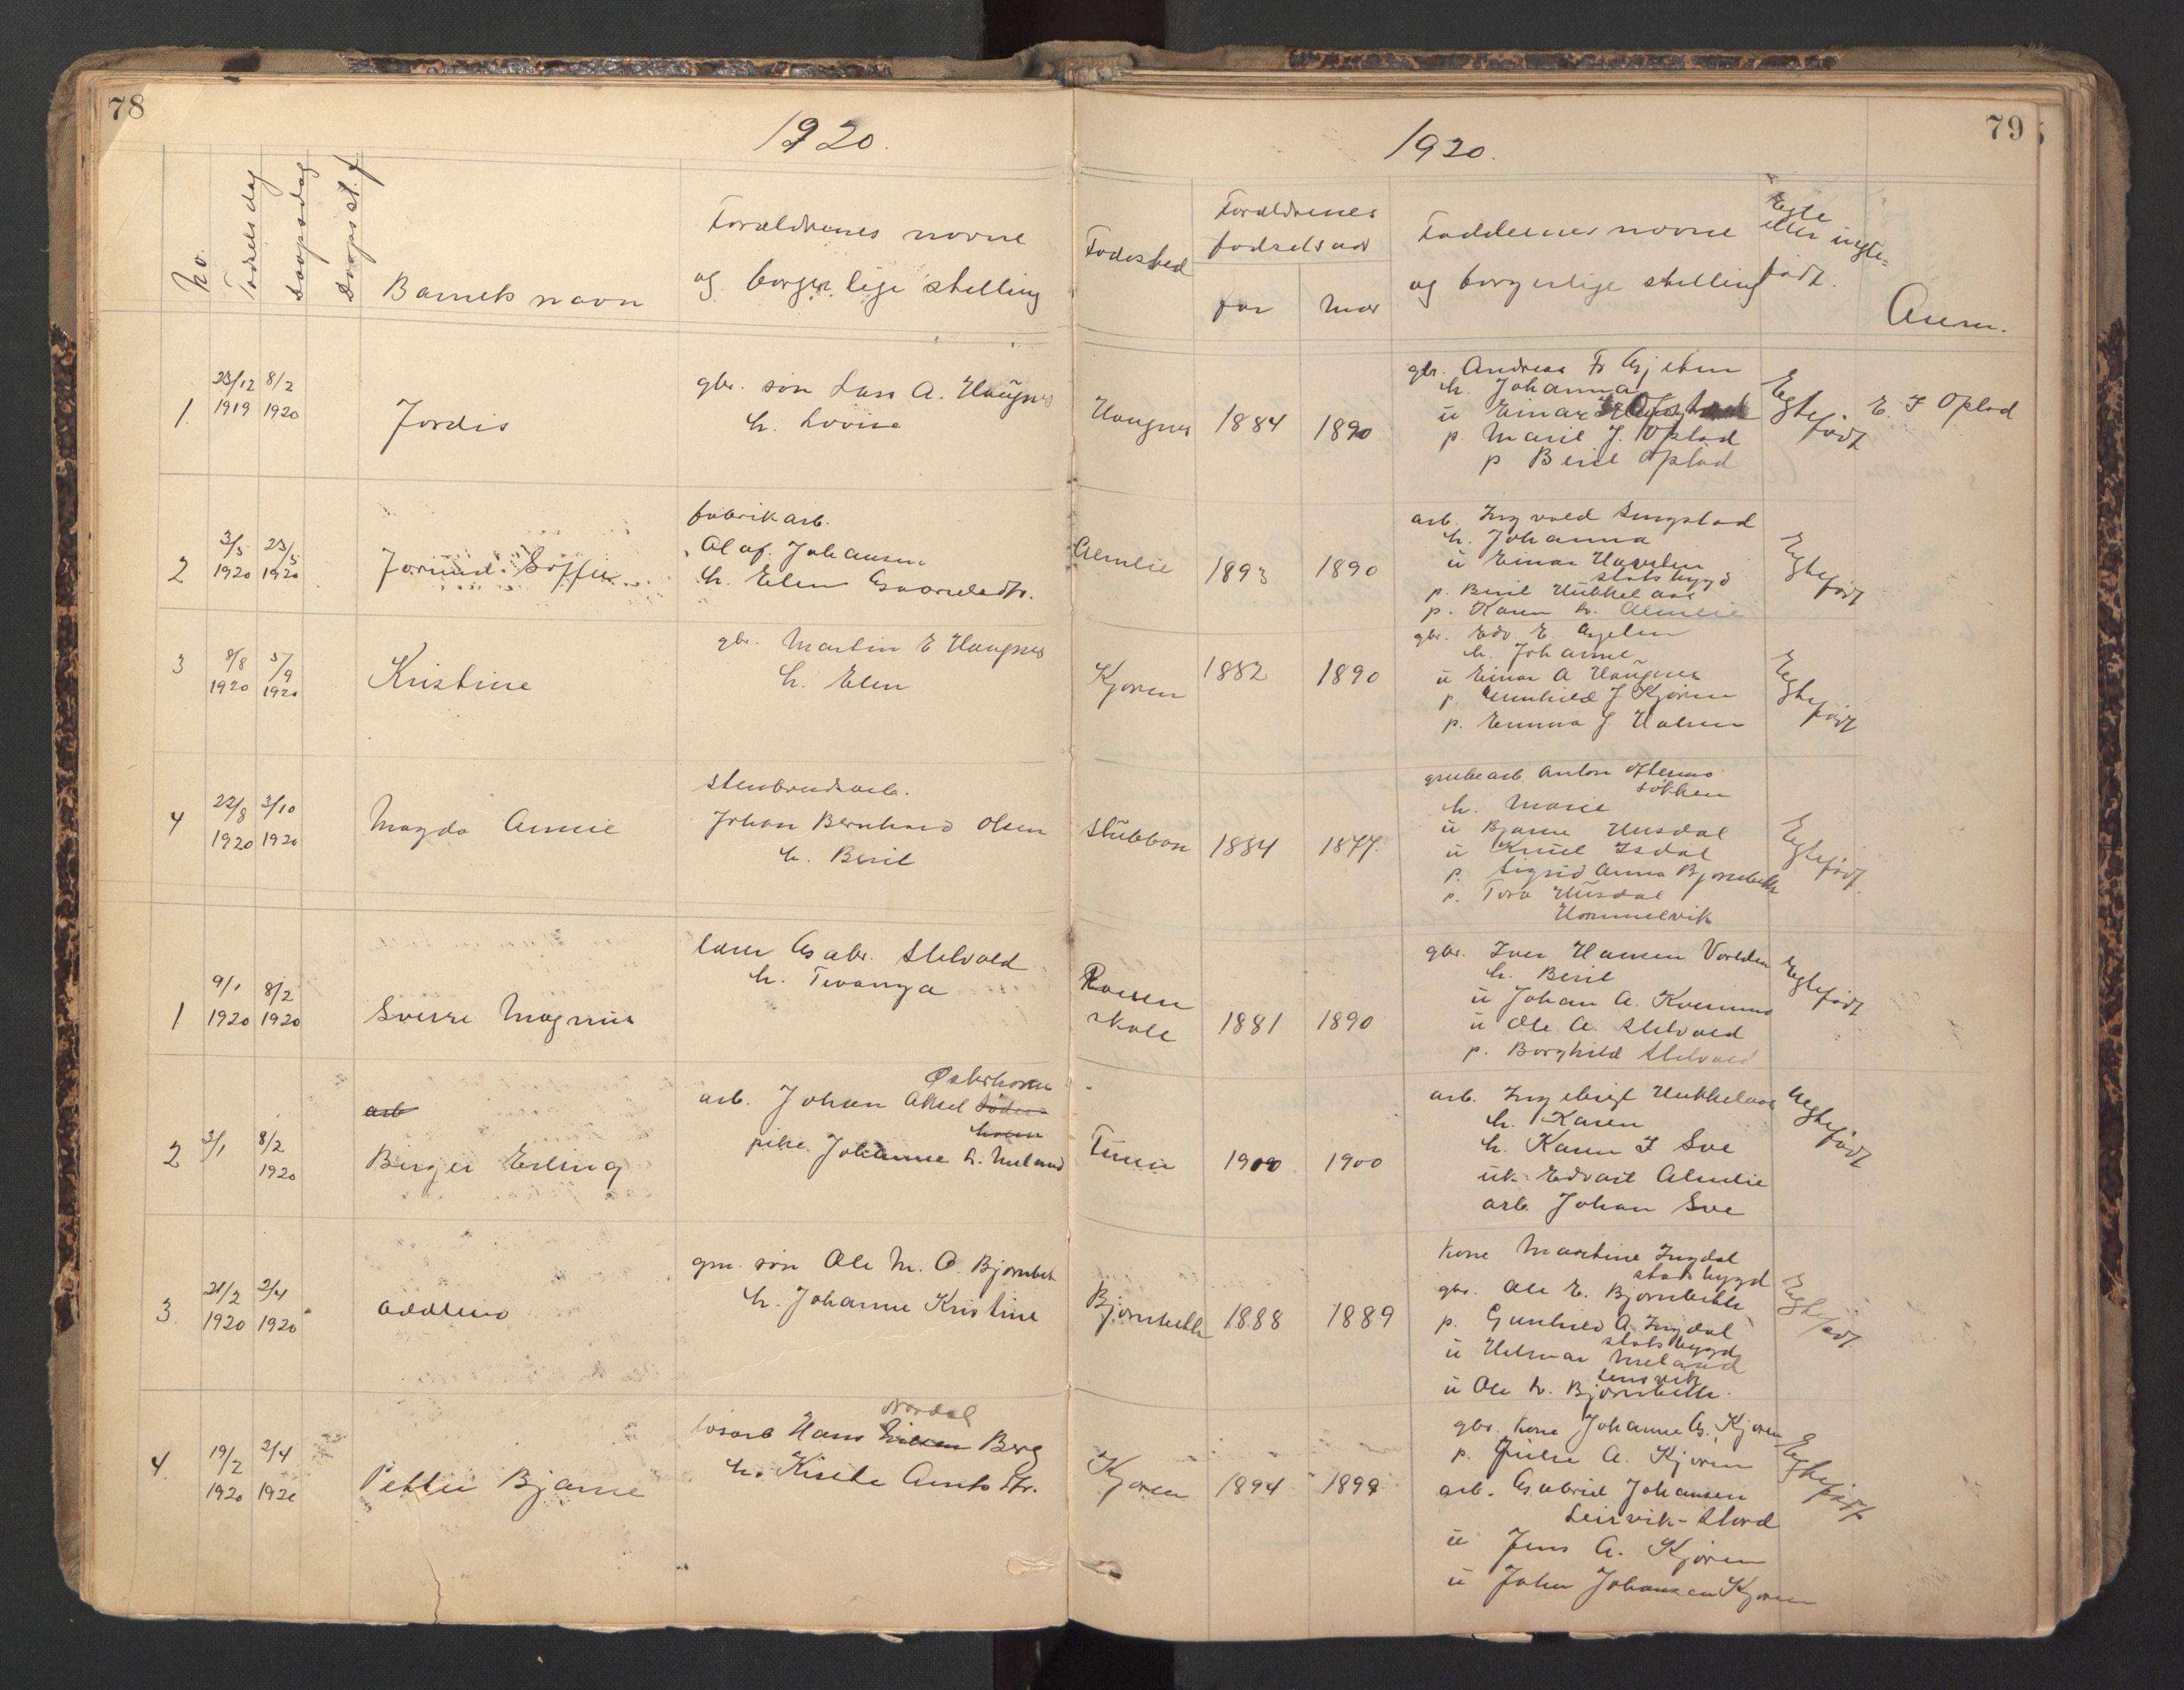 SAT, Ministerialprotokoller, klokkerbøker og fødselsregistre - Sør-Trøndelag, 670/L0837: Klokkerbok nr. 670C01, 1905-1946, s. 78-79